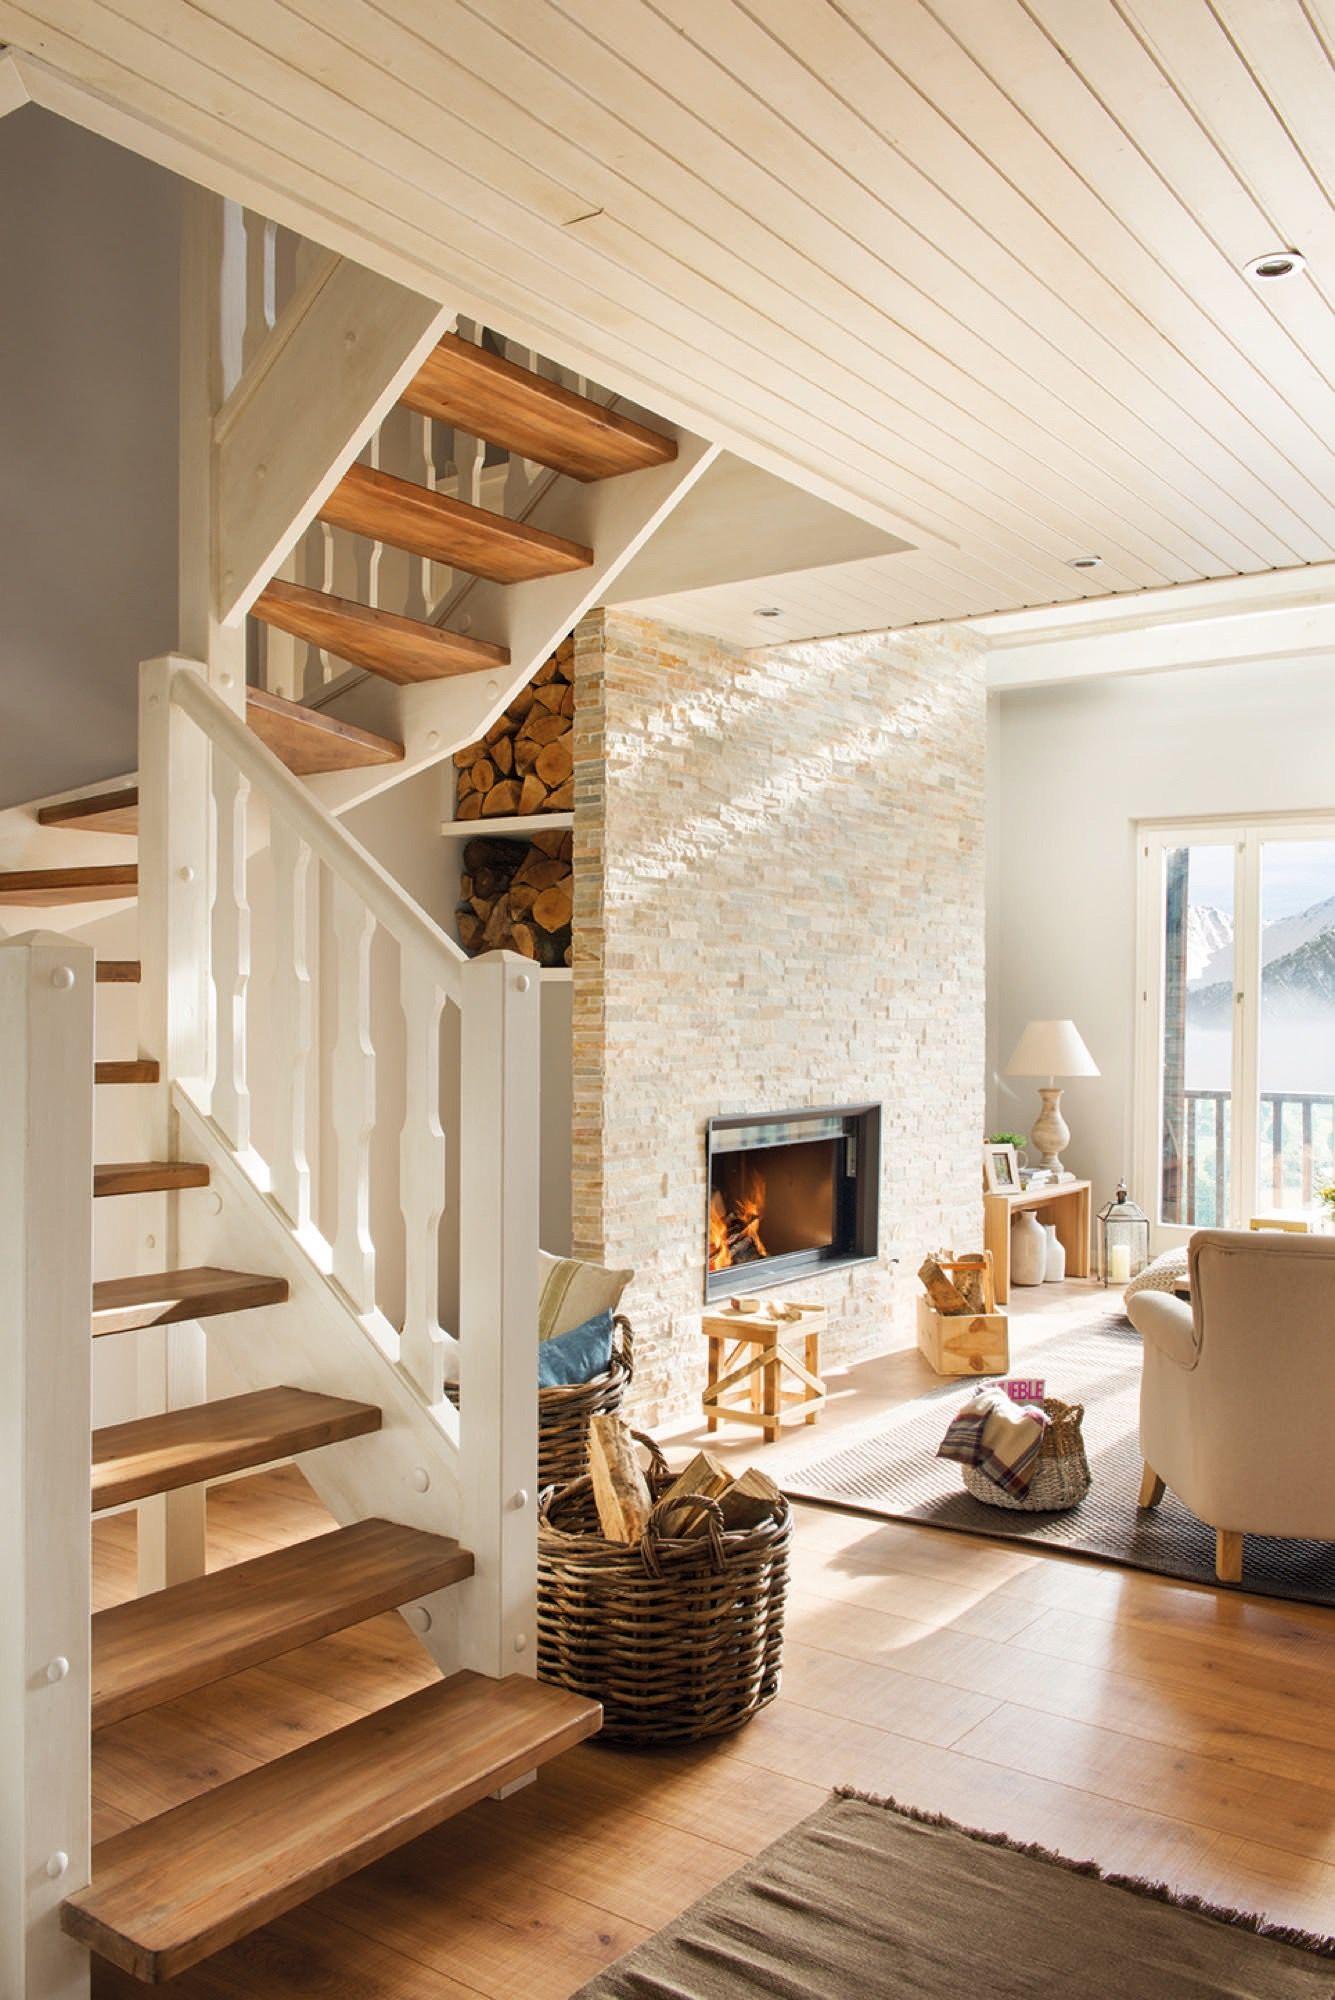 Escalera y chimenea en un piso de monta a caba a blanca - Poner chimenea en un piso ...